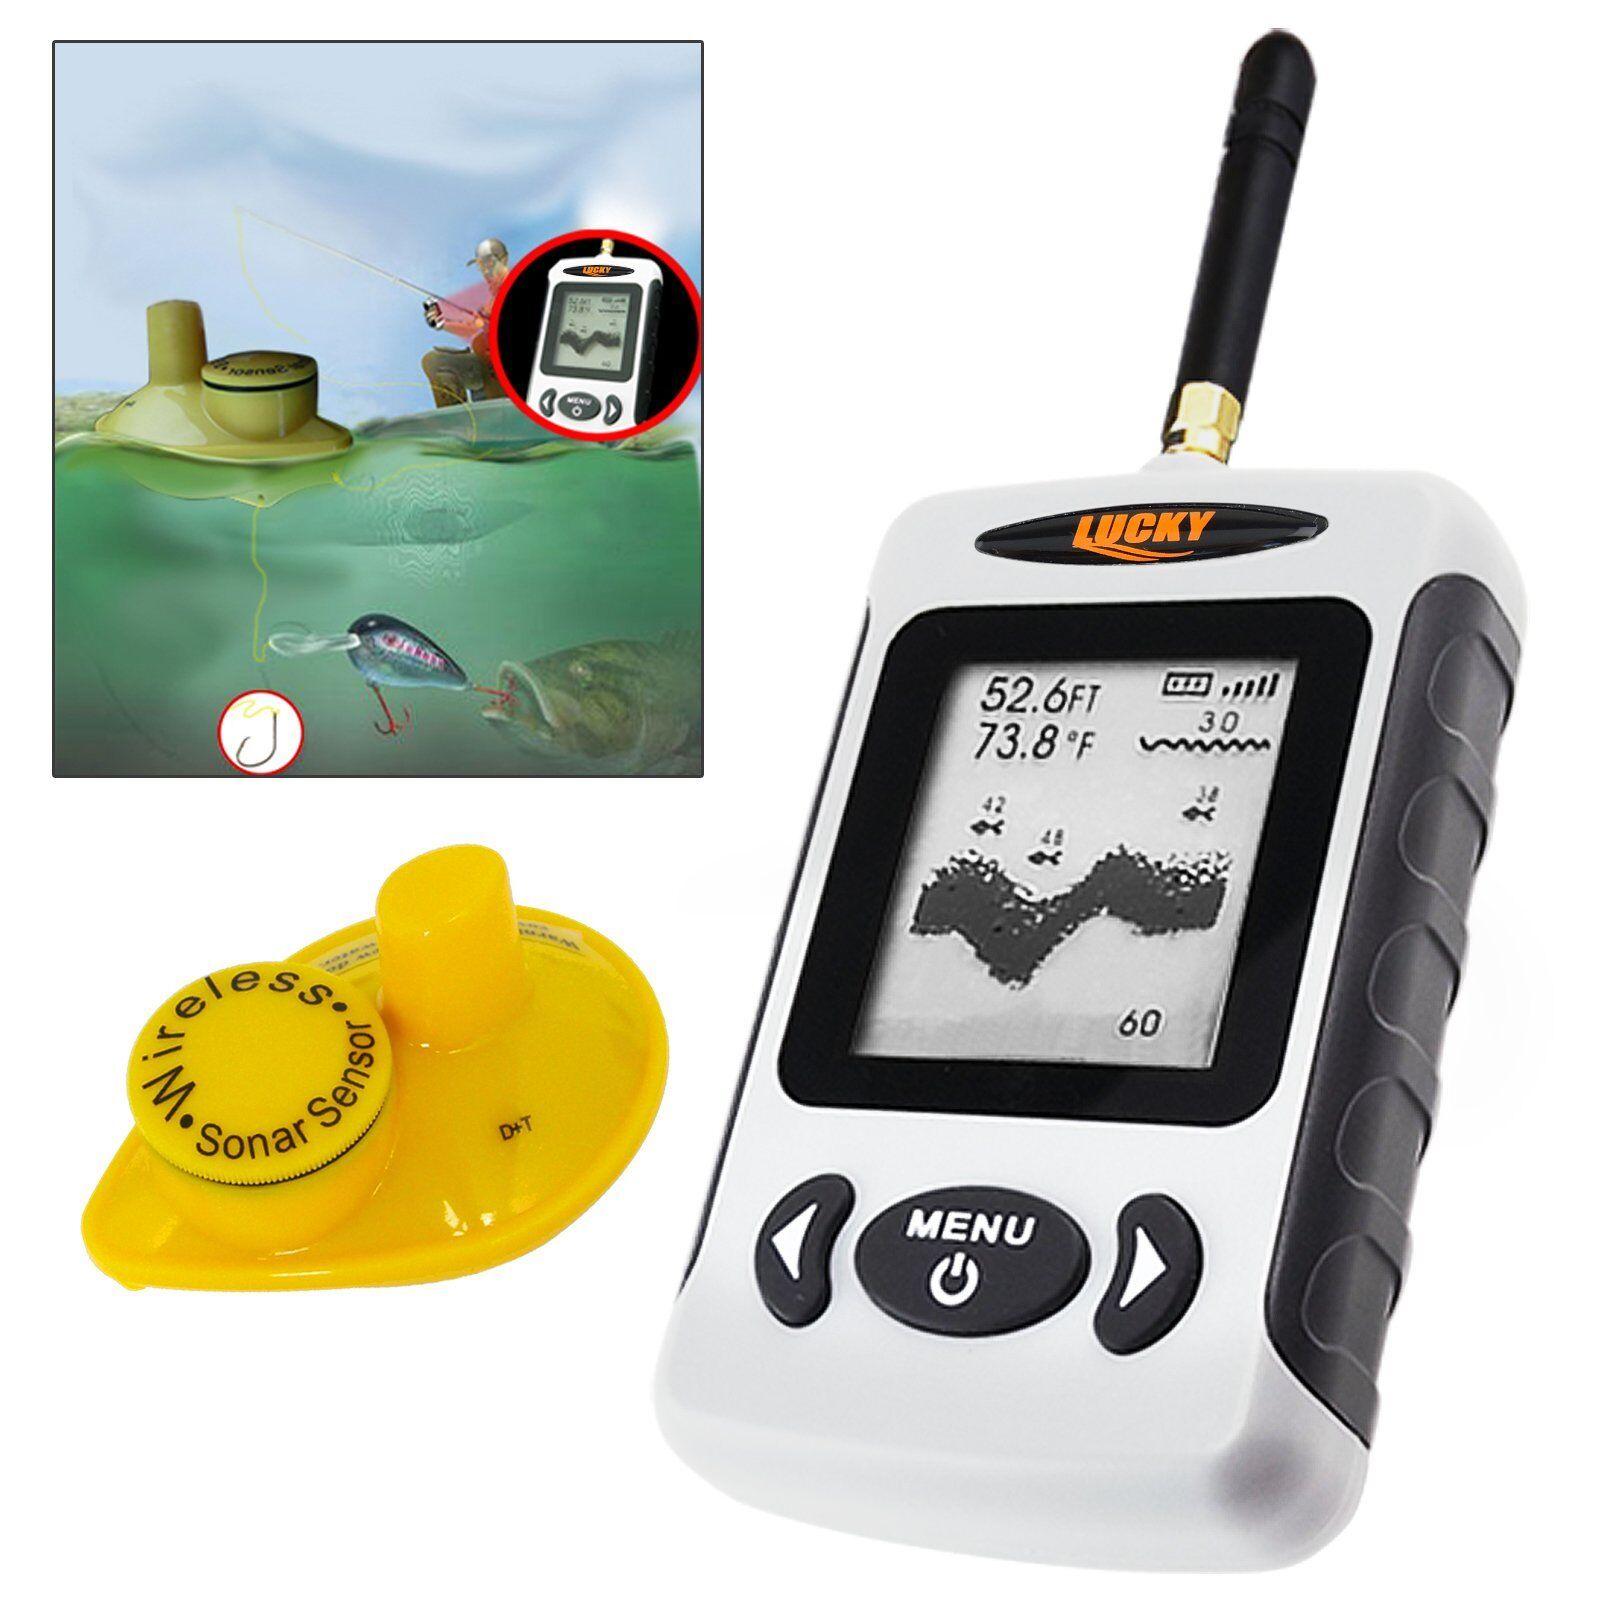 Kabellos Tragbar Fisch Finder Sonar Radio °C °F IPX4 Angeln Ausrüstung Werkzeuge